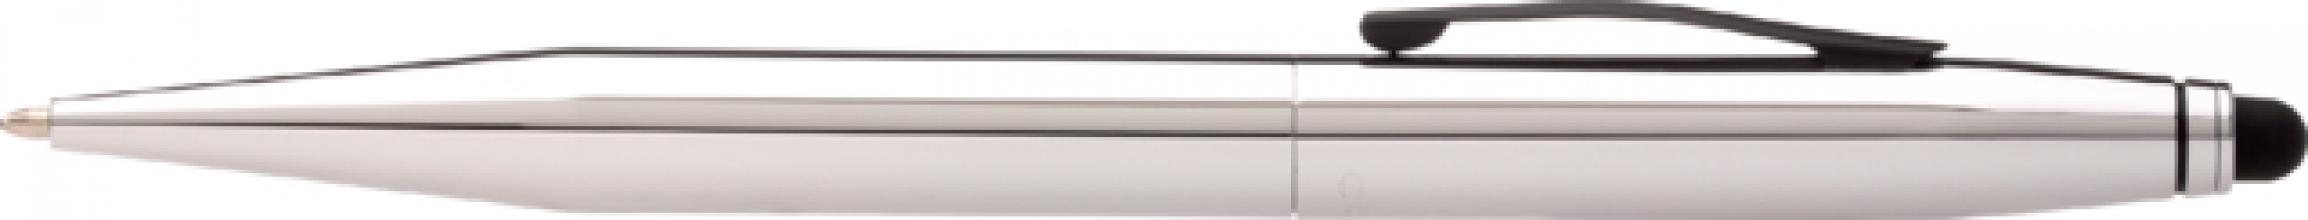 , Stylus- Balpen Cross Tech2 Pure Chrome